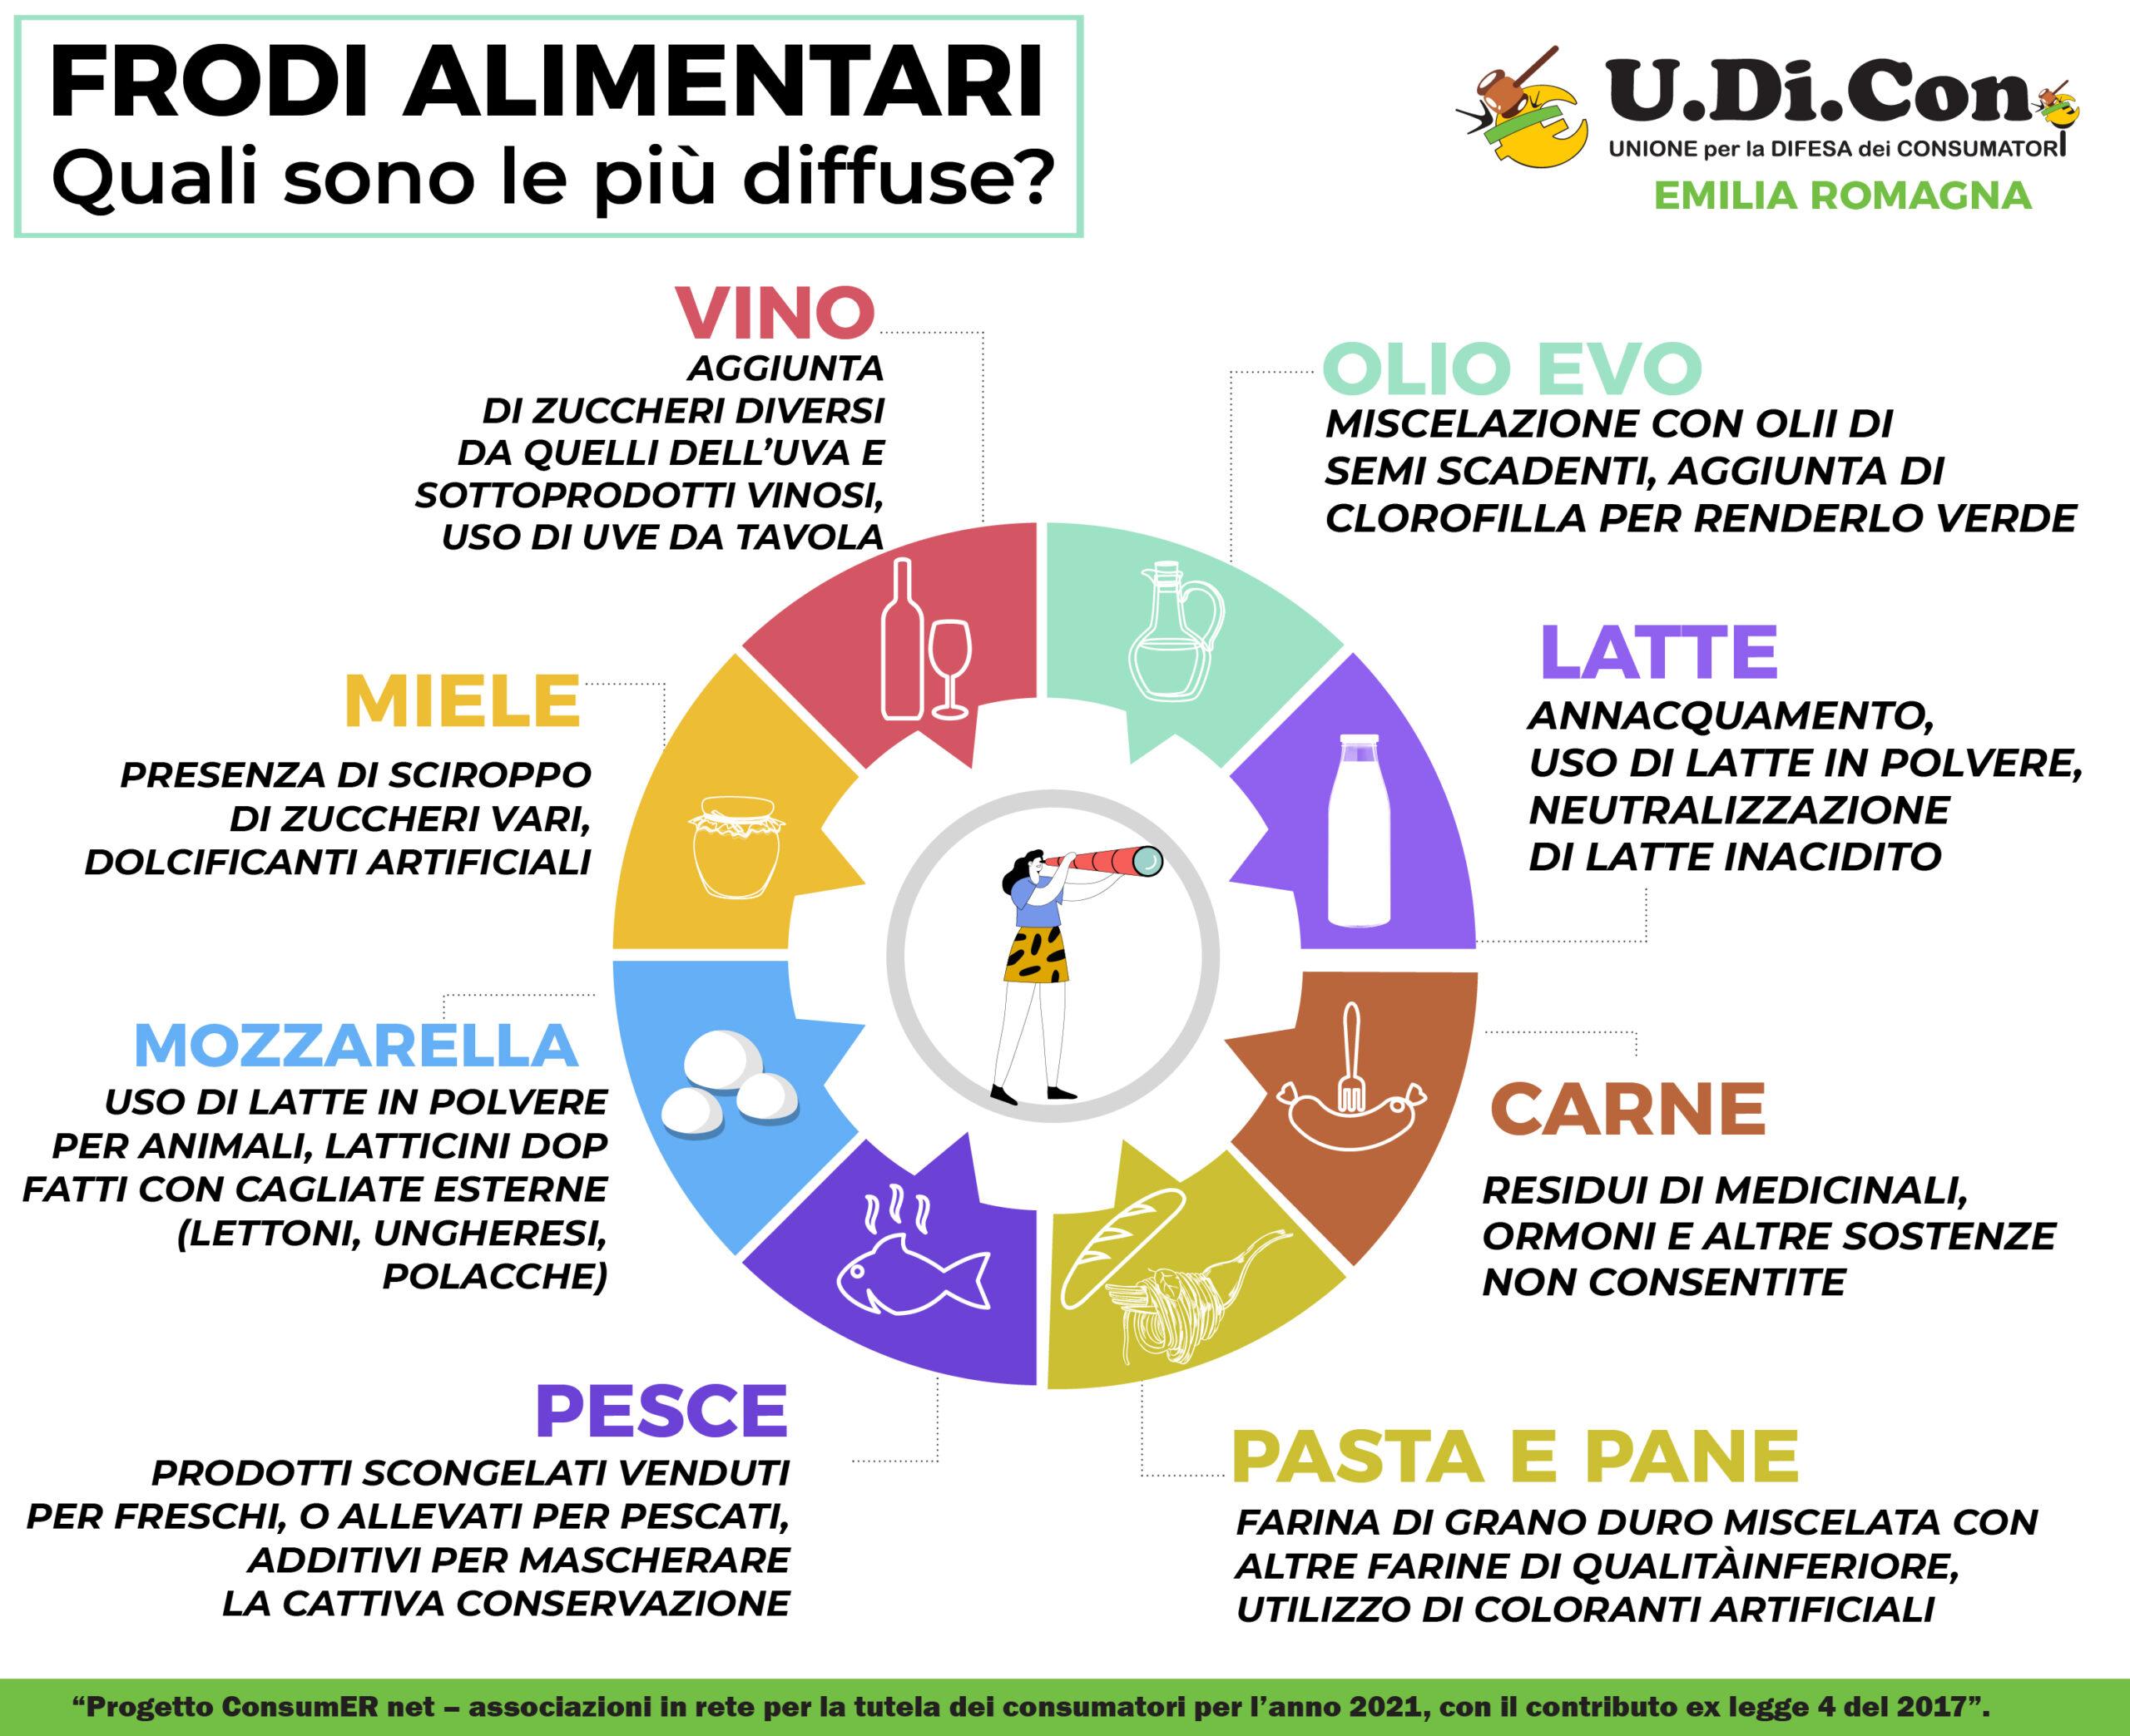 Infografica - Frodi alimentari. Quali sono le più diffuse?